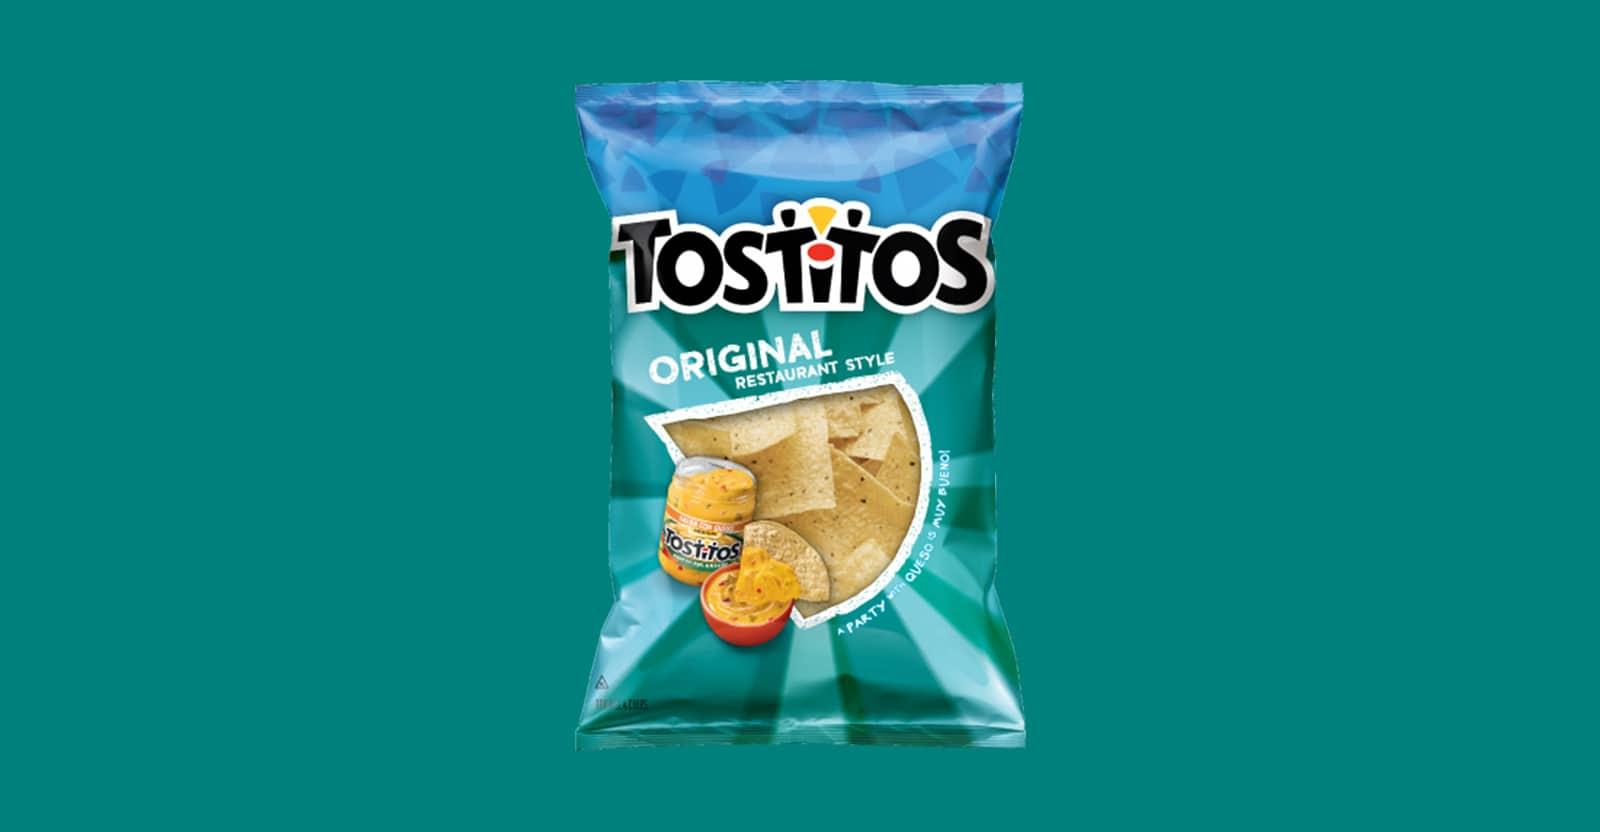 are tostitos gluten-free